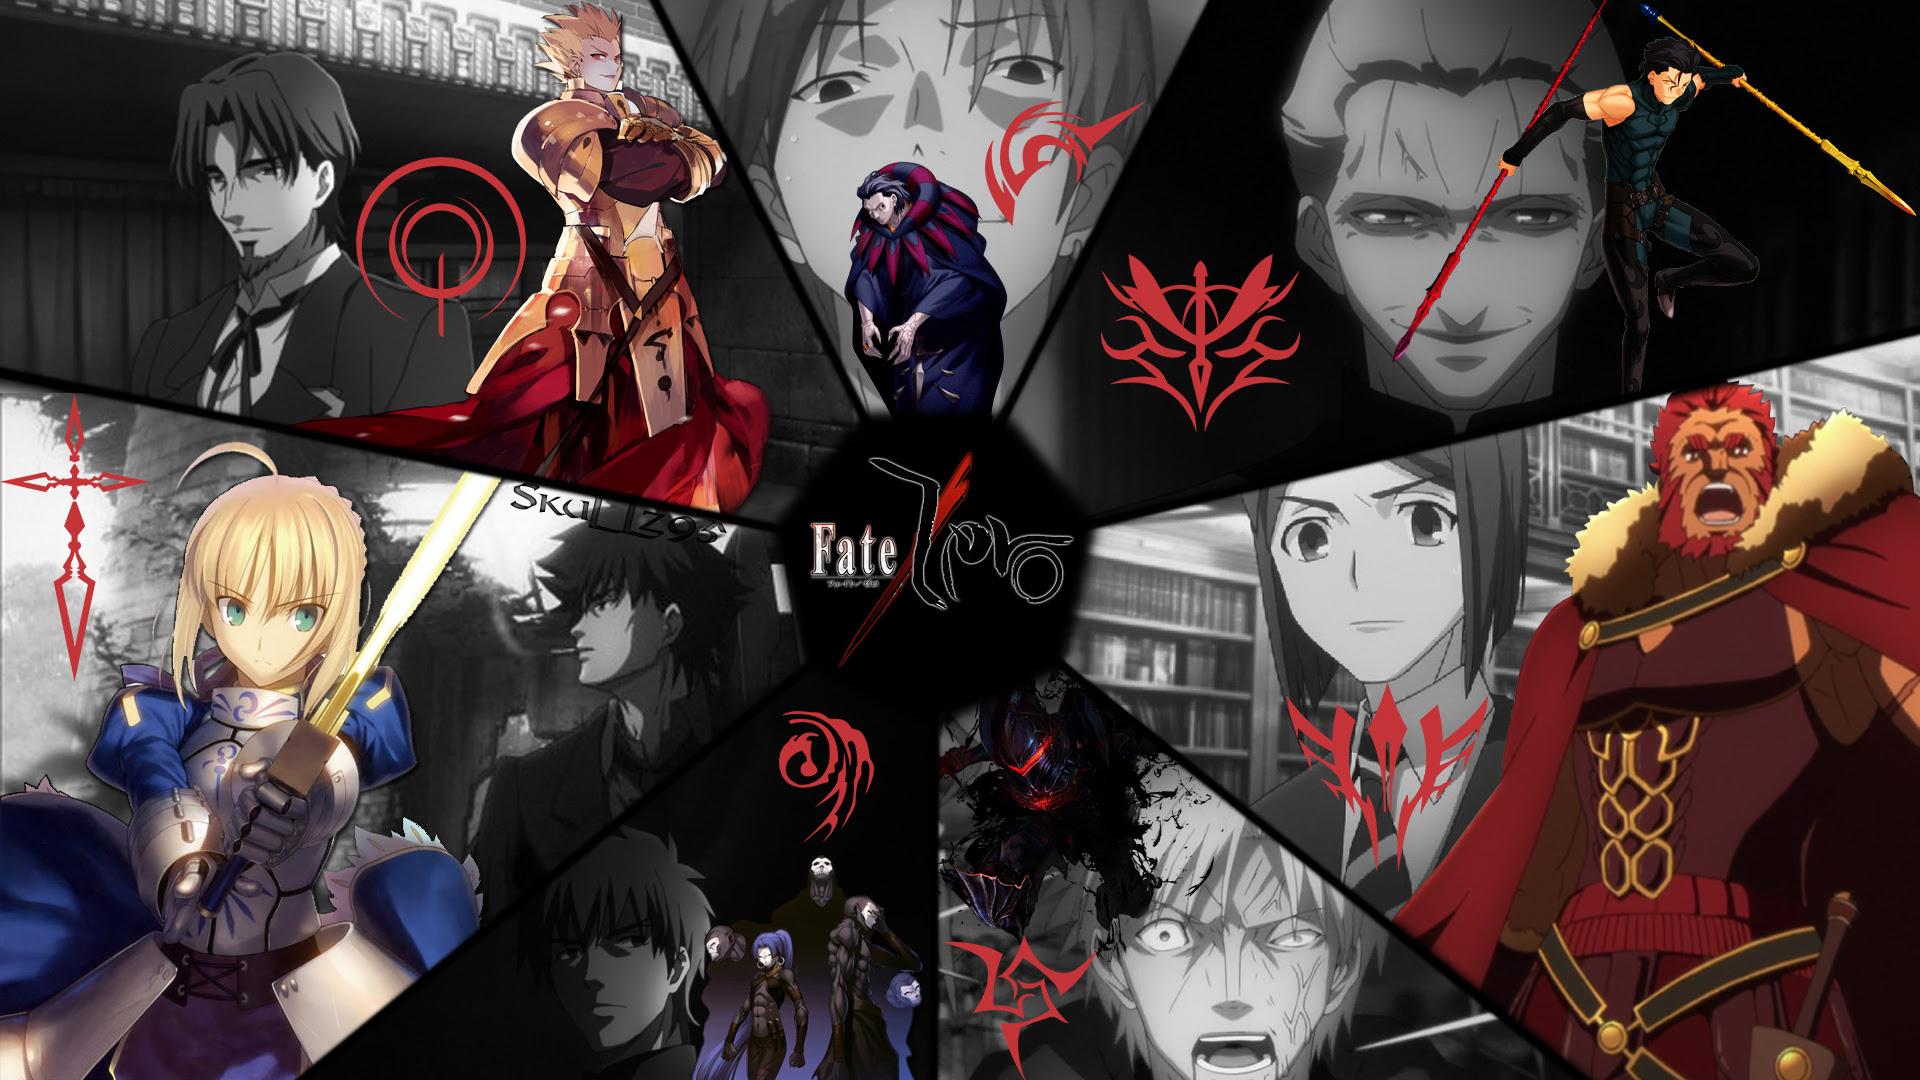 Fate Zeroの画像 原寸画像検索